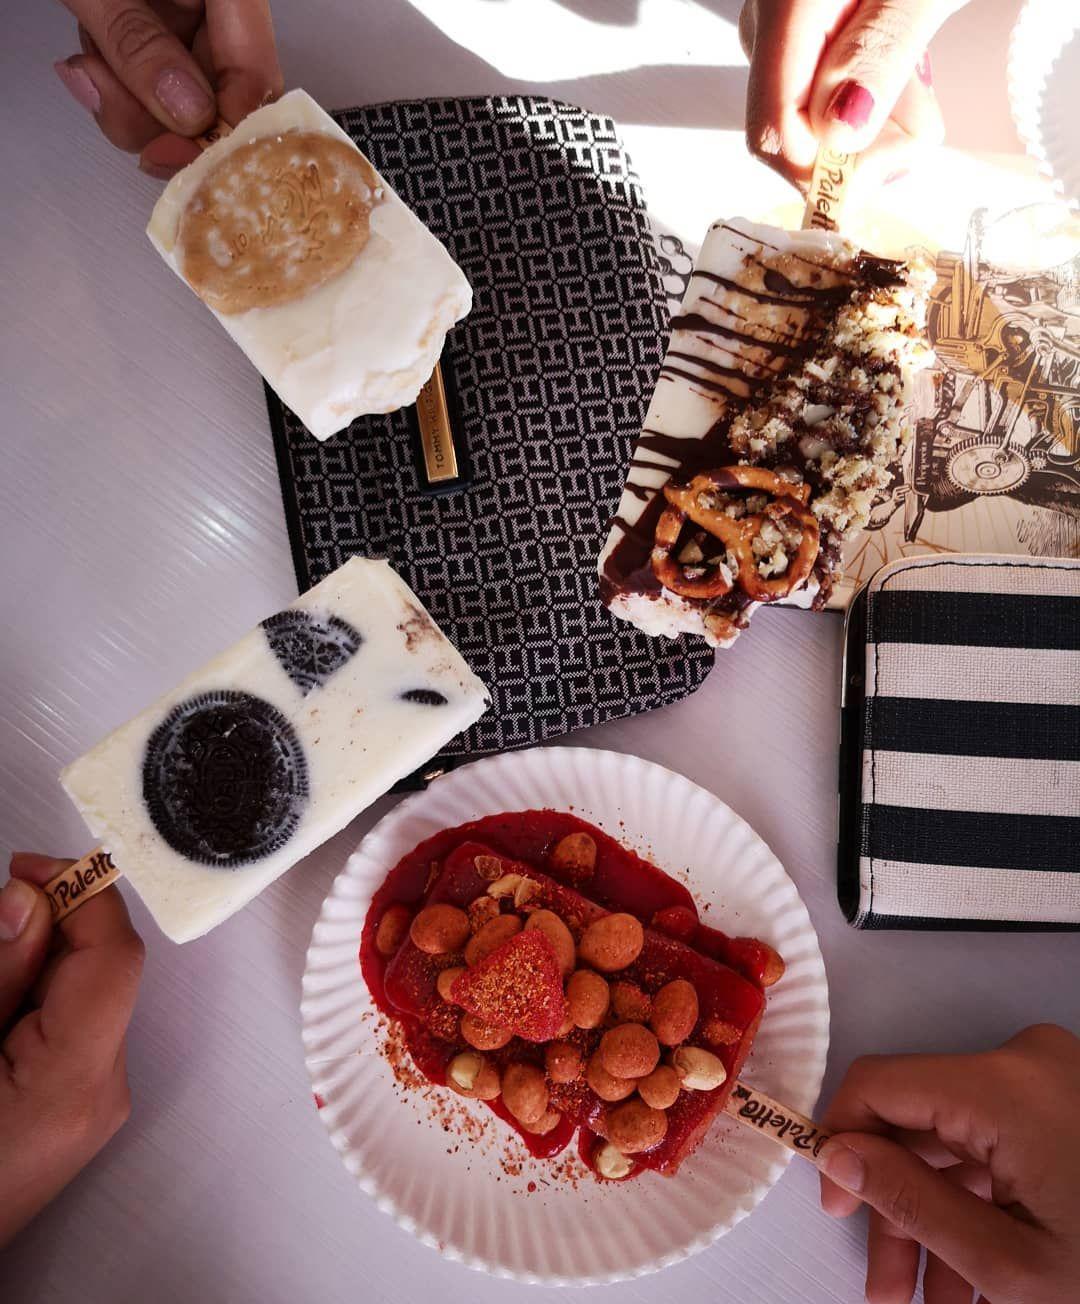 Domingo de ganar palettas GRATIS, en la compra de 3 paletas juega con tu suerte y llévate más a casa! . . 📍Encuéntranos en Plaza Río, frente a Palomar del río abierto diario de 12-9pm. 📍Encuéntranos en Uber Eats Enseguida de SaladsInbox y Café Mediterráneo . .